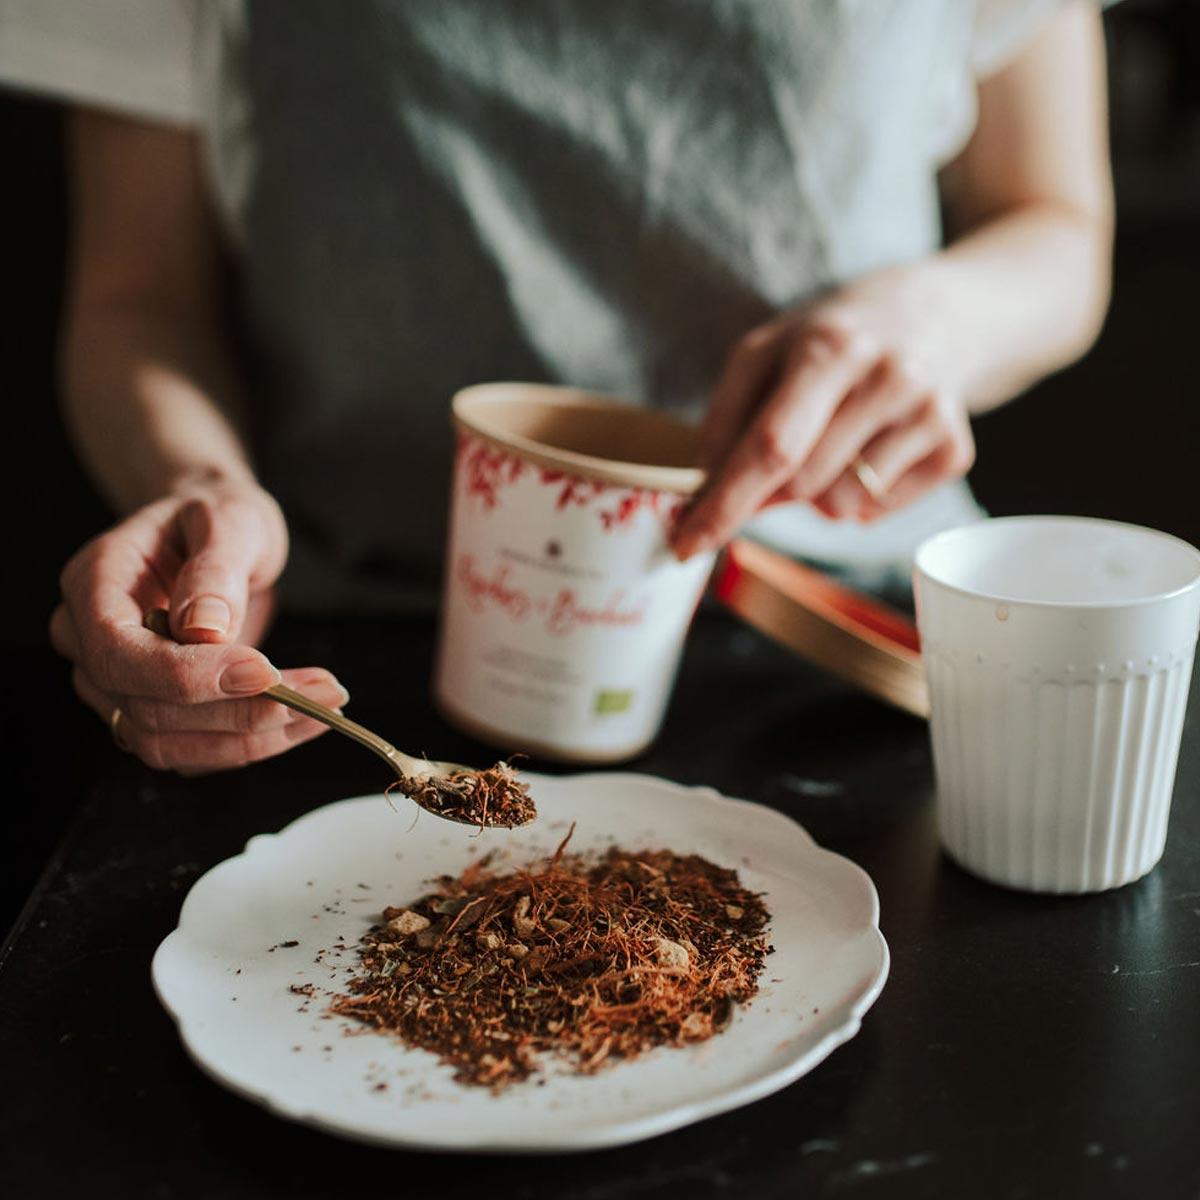 Jak przechowywać naszą herbatę keep